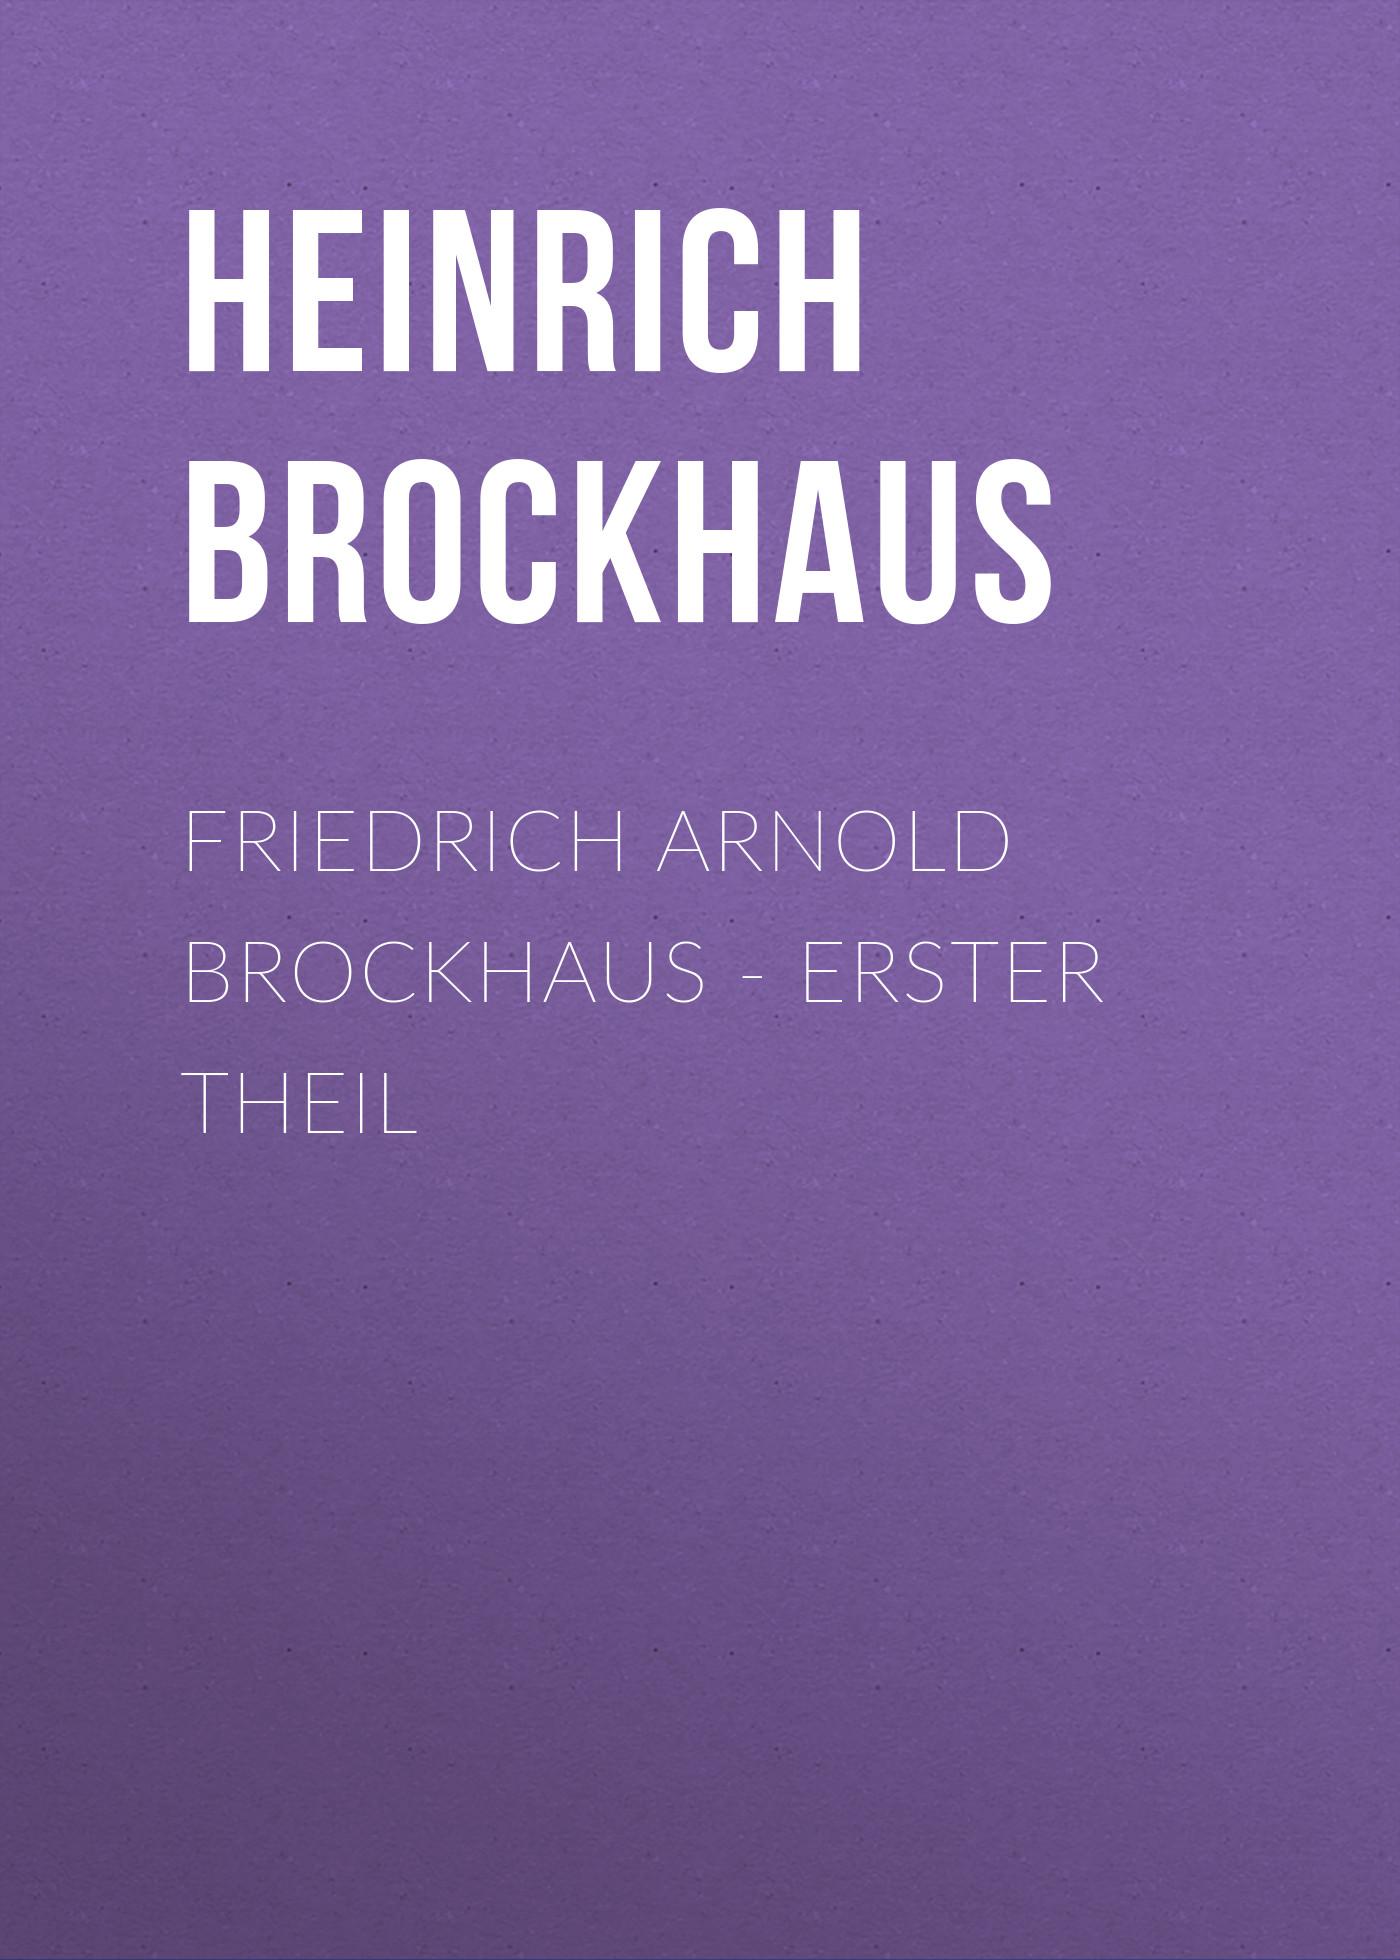 Brockhaus Heinrich Eduard Friedrich Arnold Brockhaus - Erster Theil der brockhaus bildung 21